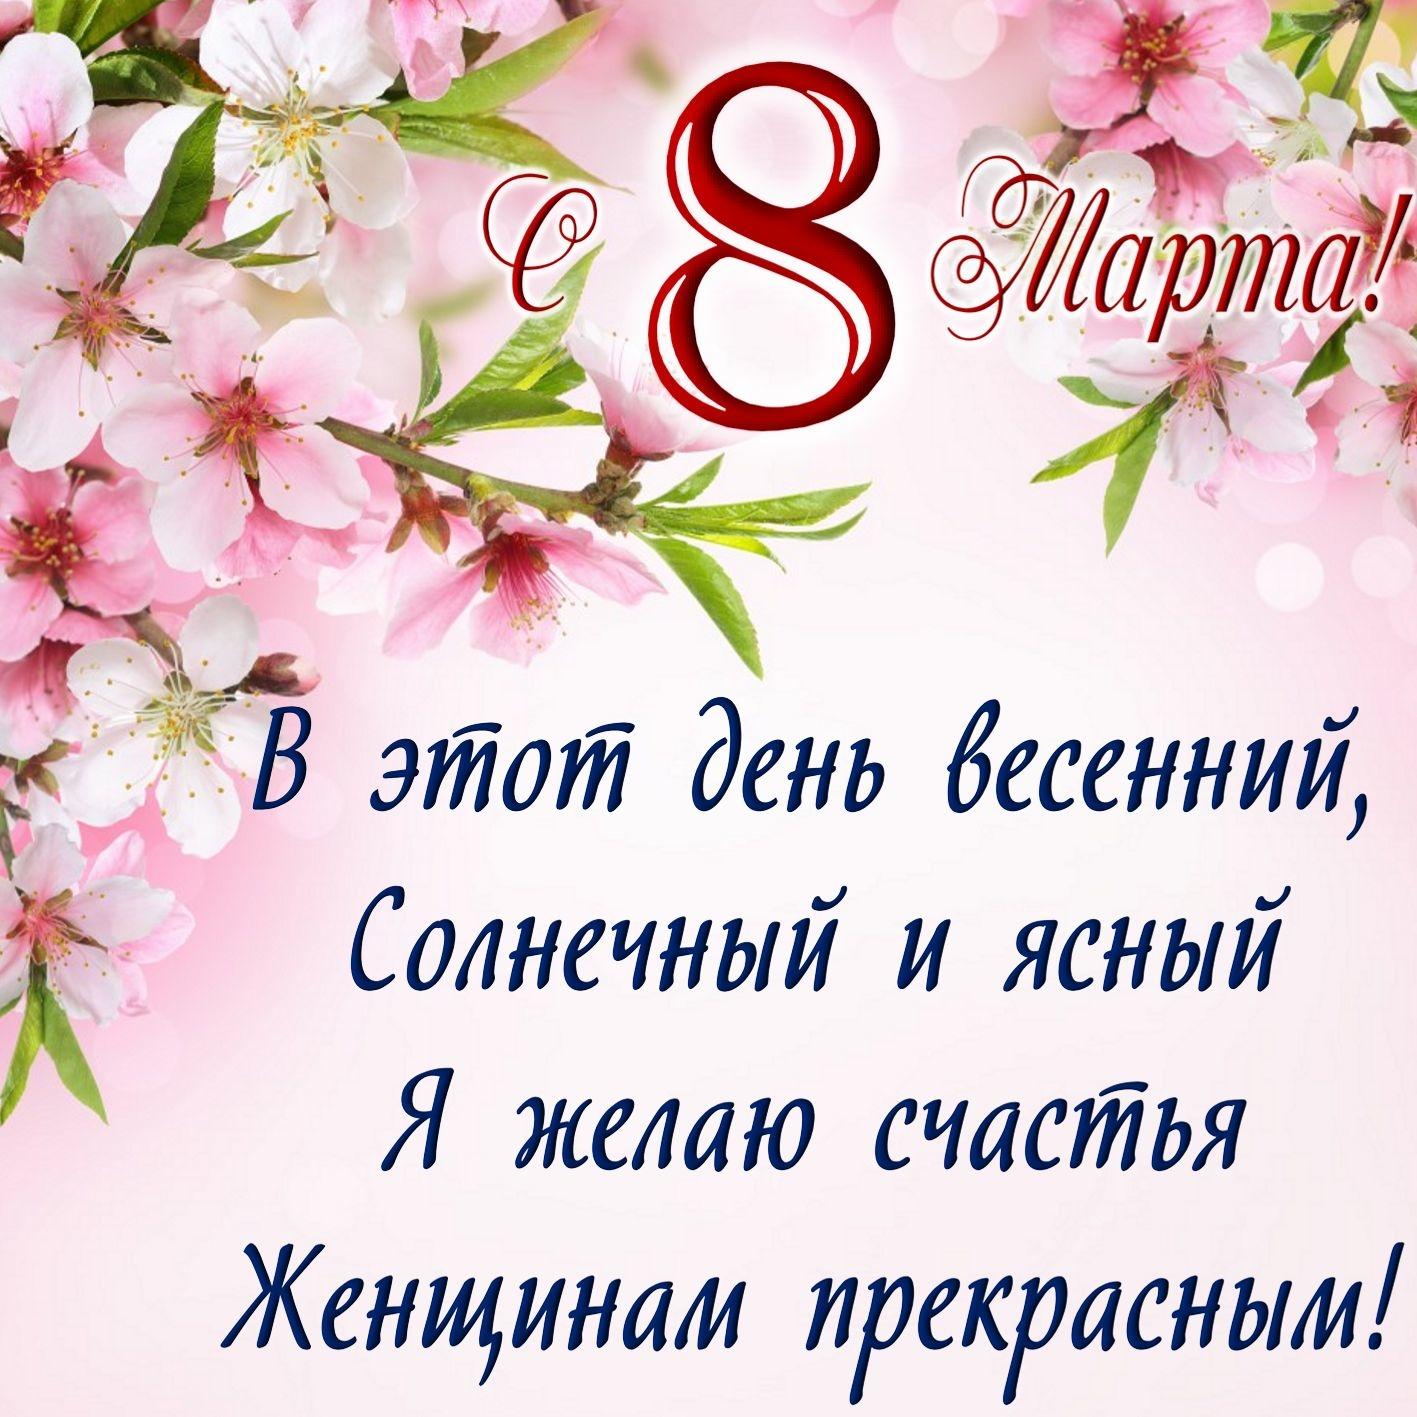 Очень поздравление на 8 марта